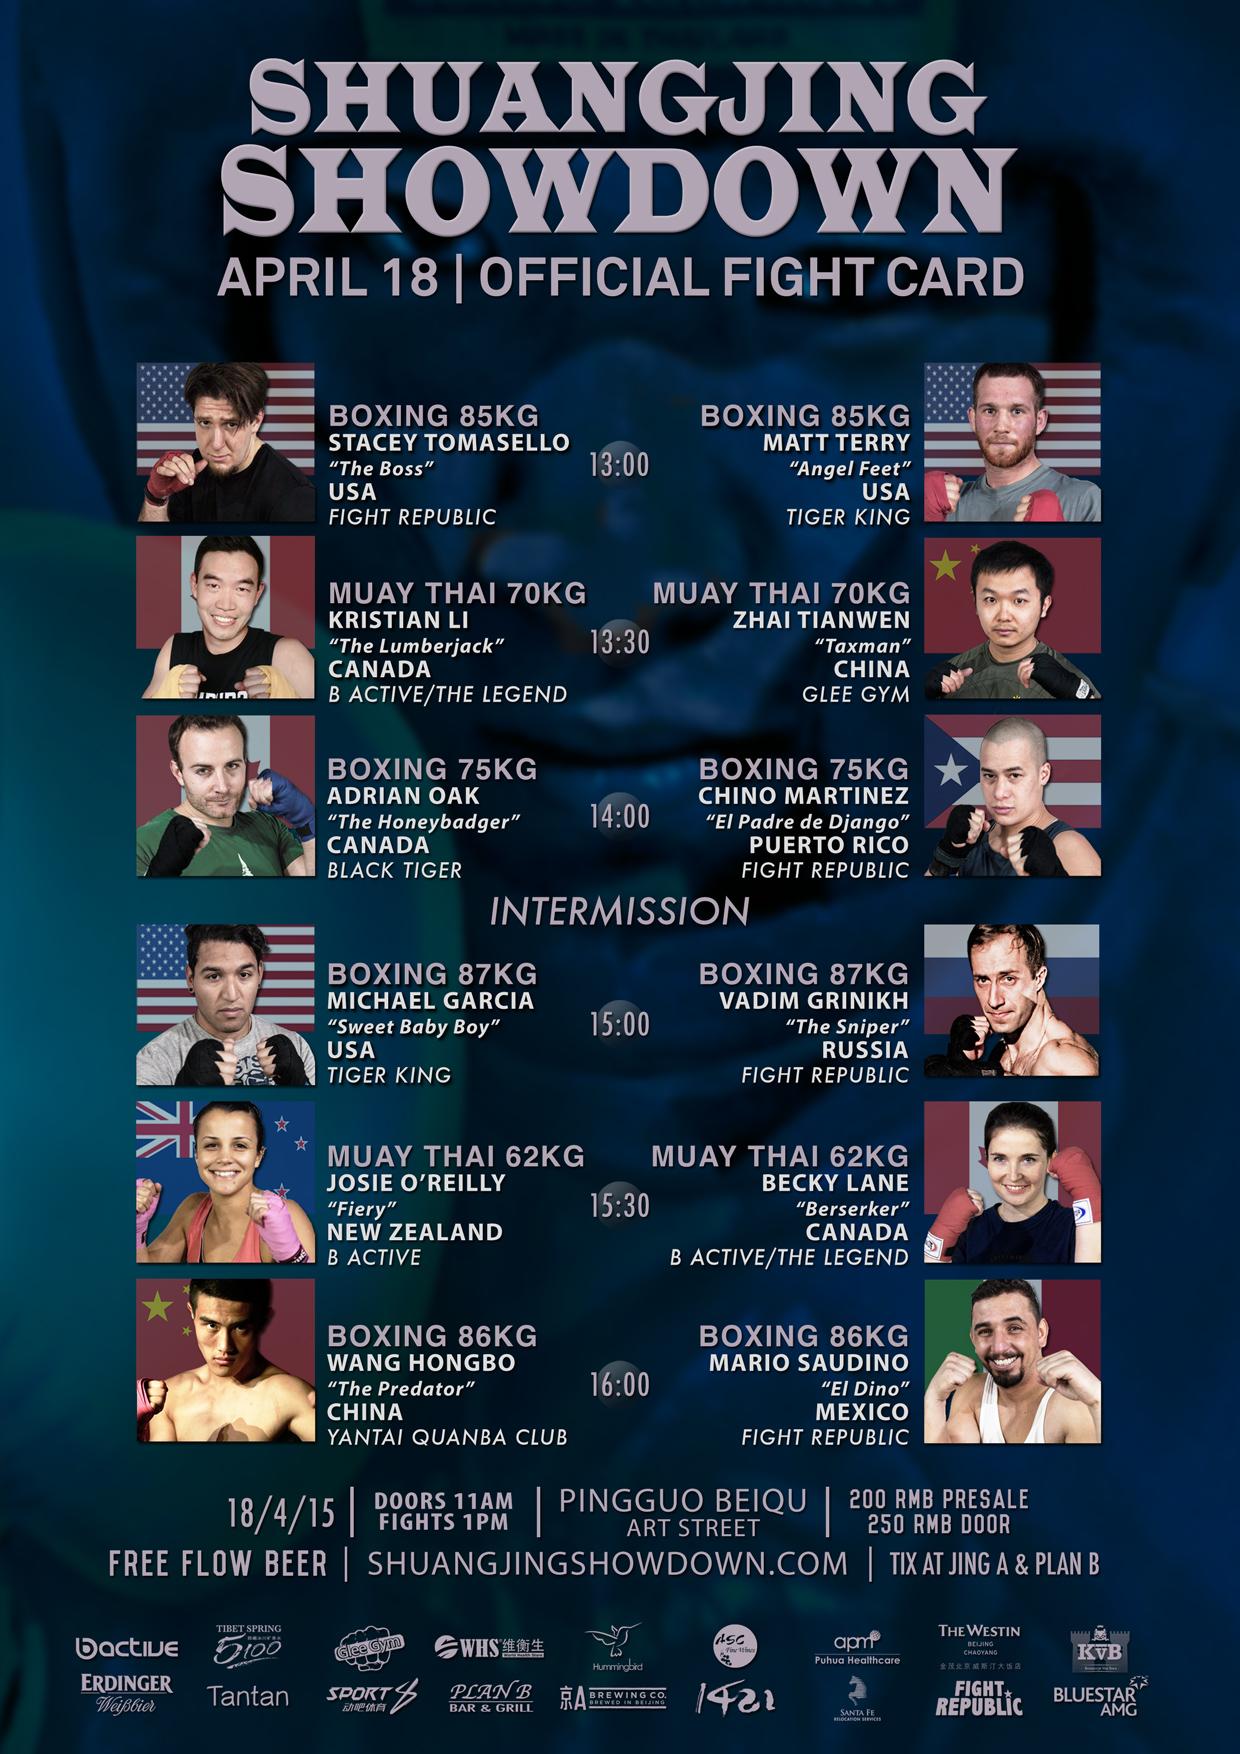 Shuangjing Showdown Boxing Muay Thai fight card